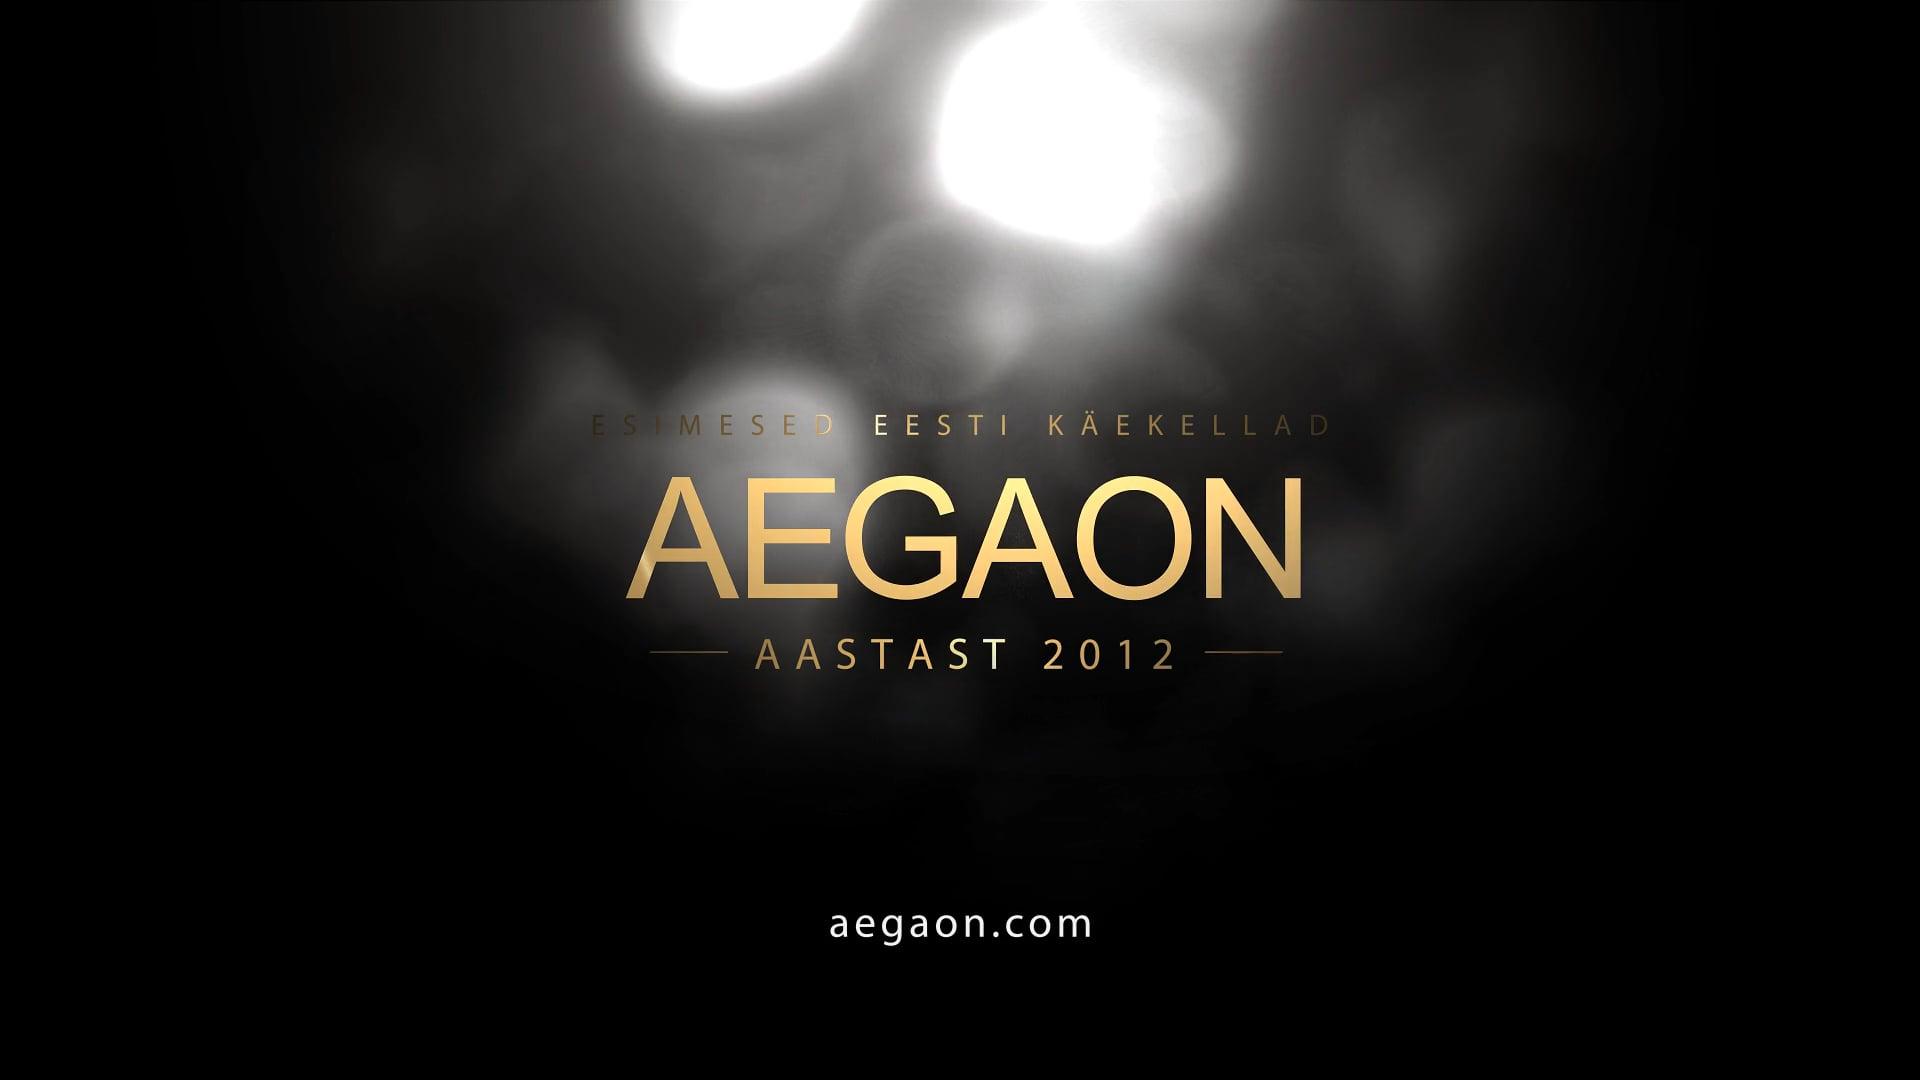 AEGAON